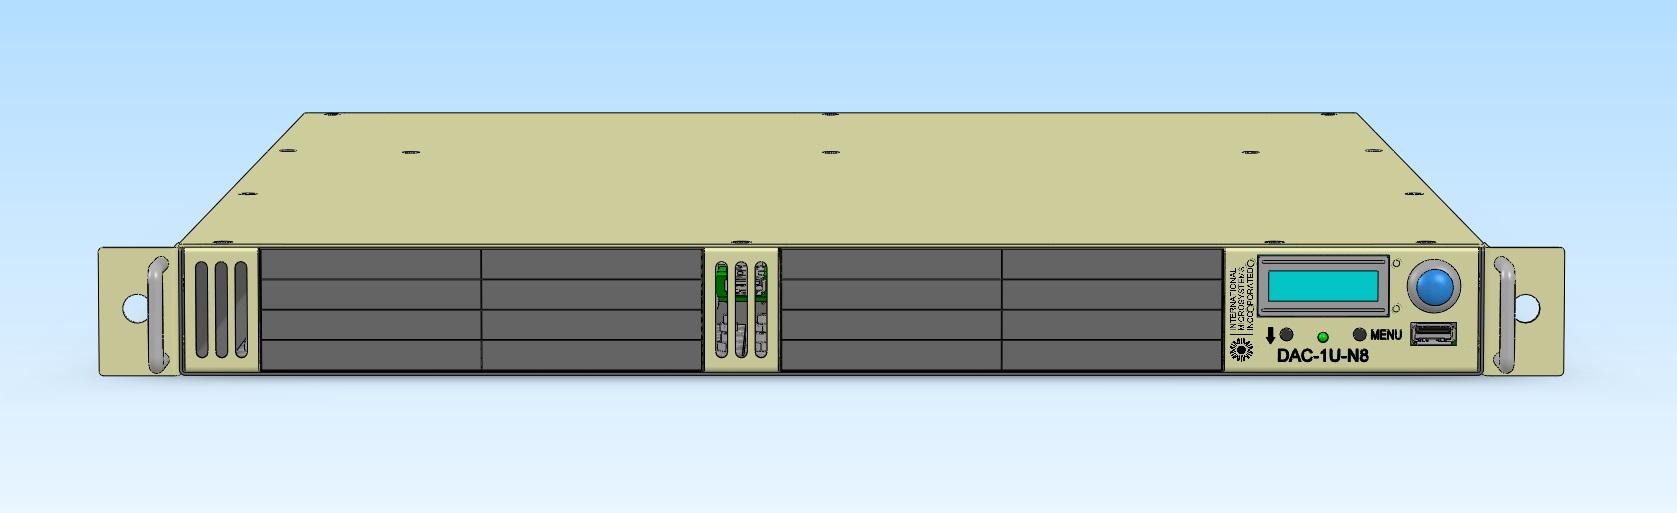 DAC 1U Server